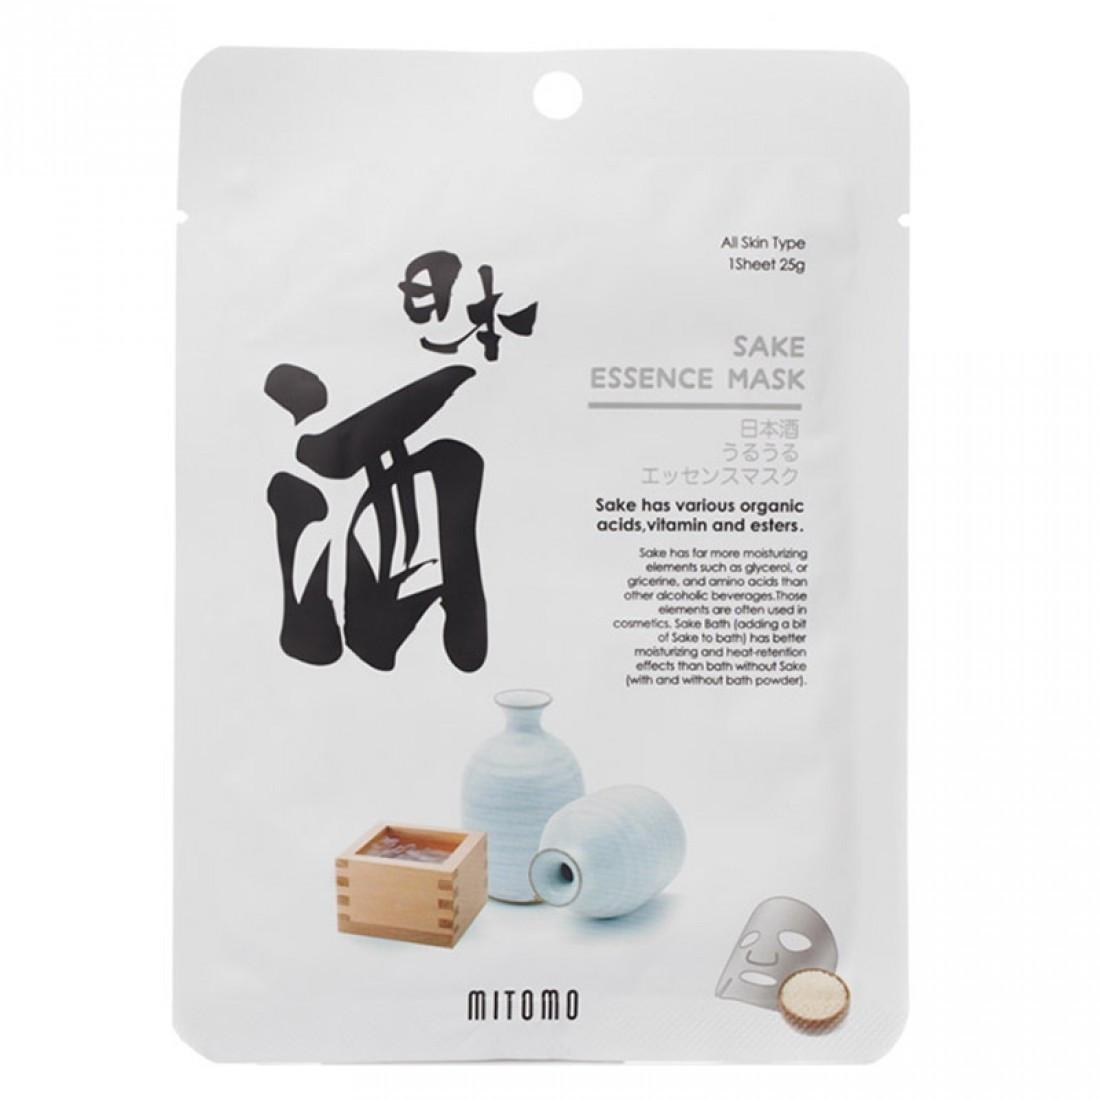 Увлажняющая тканевая маска для лица с саке Mitomo Sake Essence Mask 25 г (4582419531857)